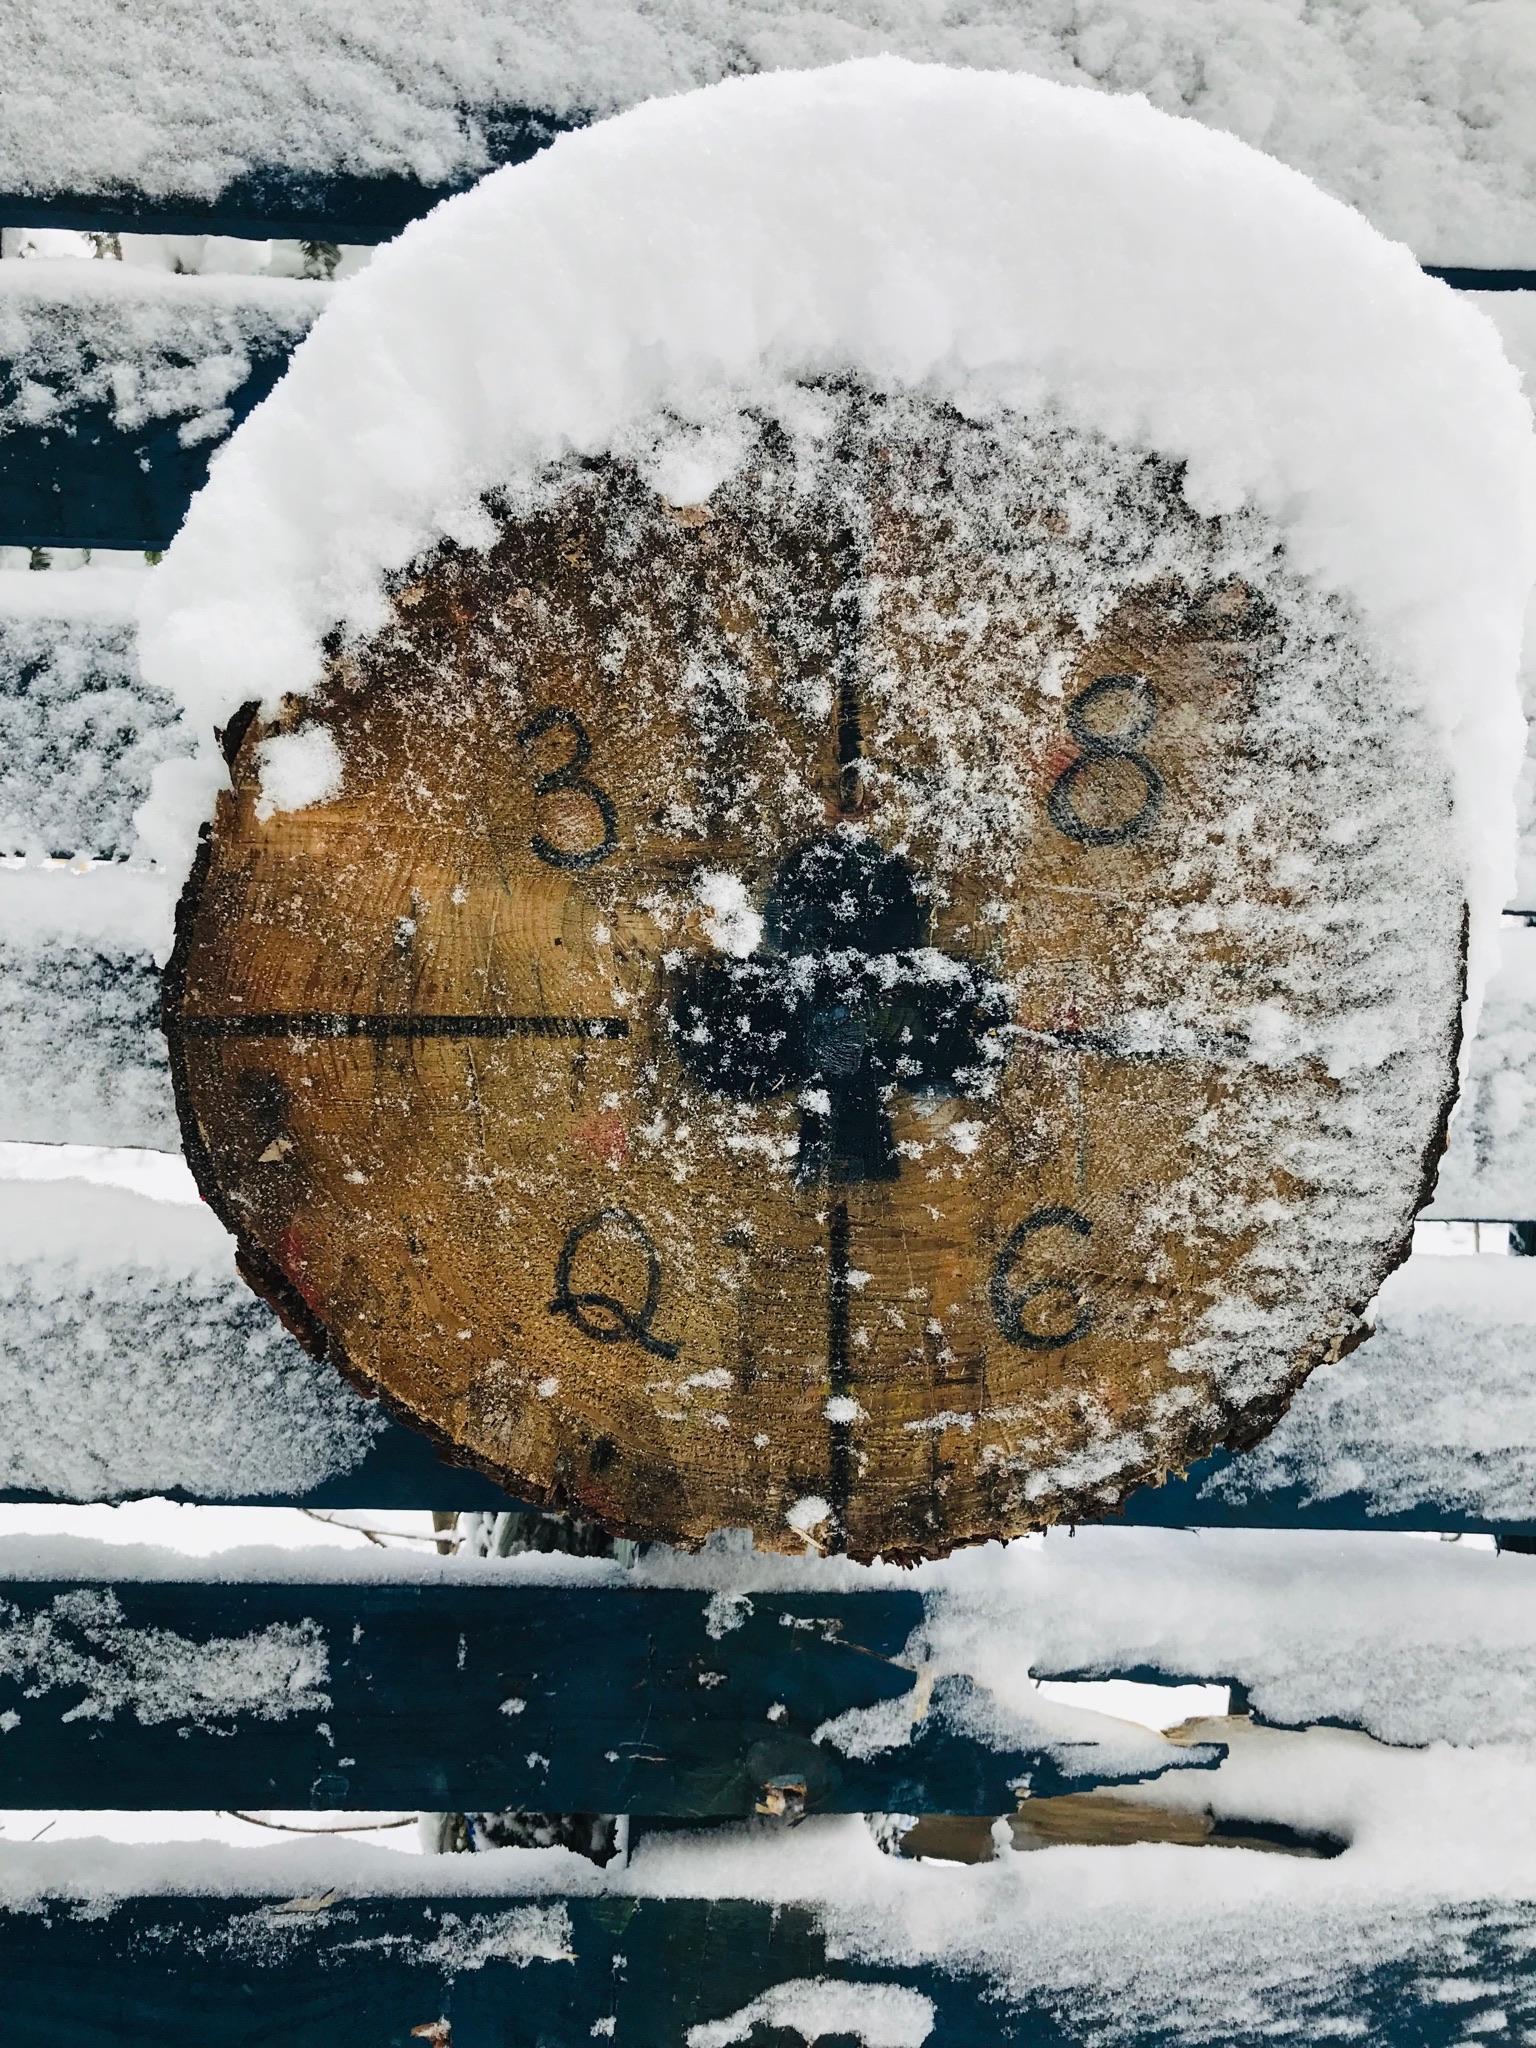 target in snow.JPG